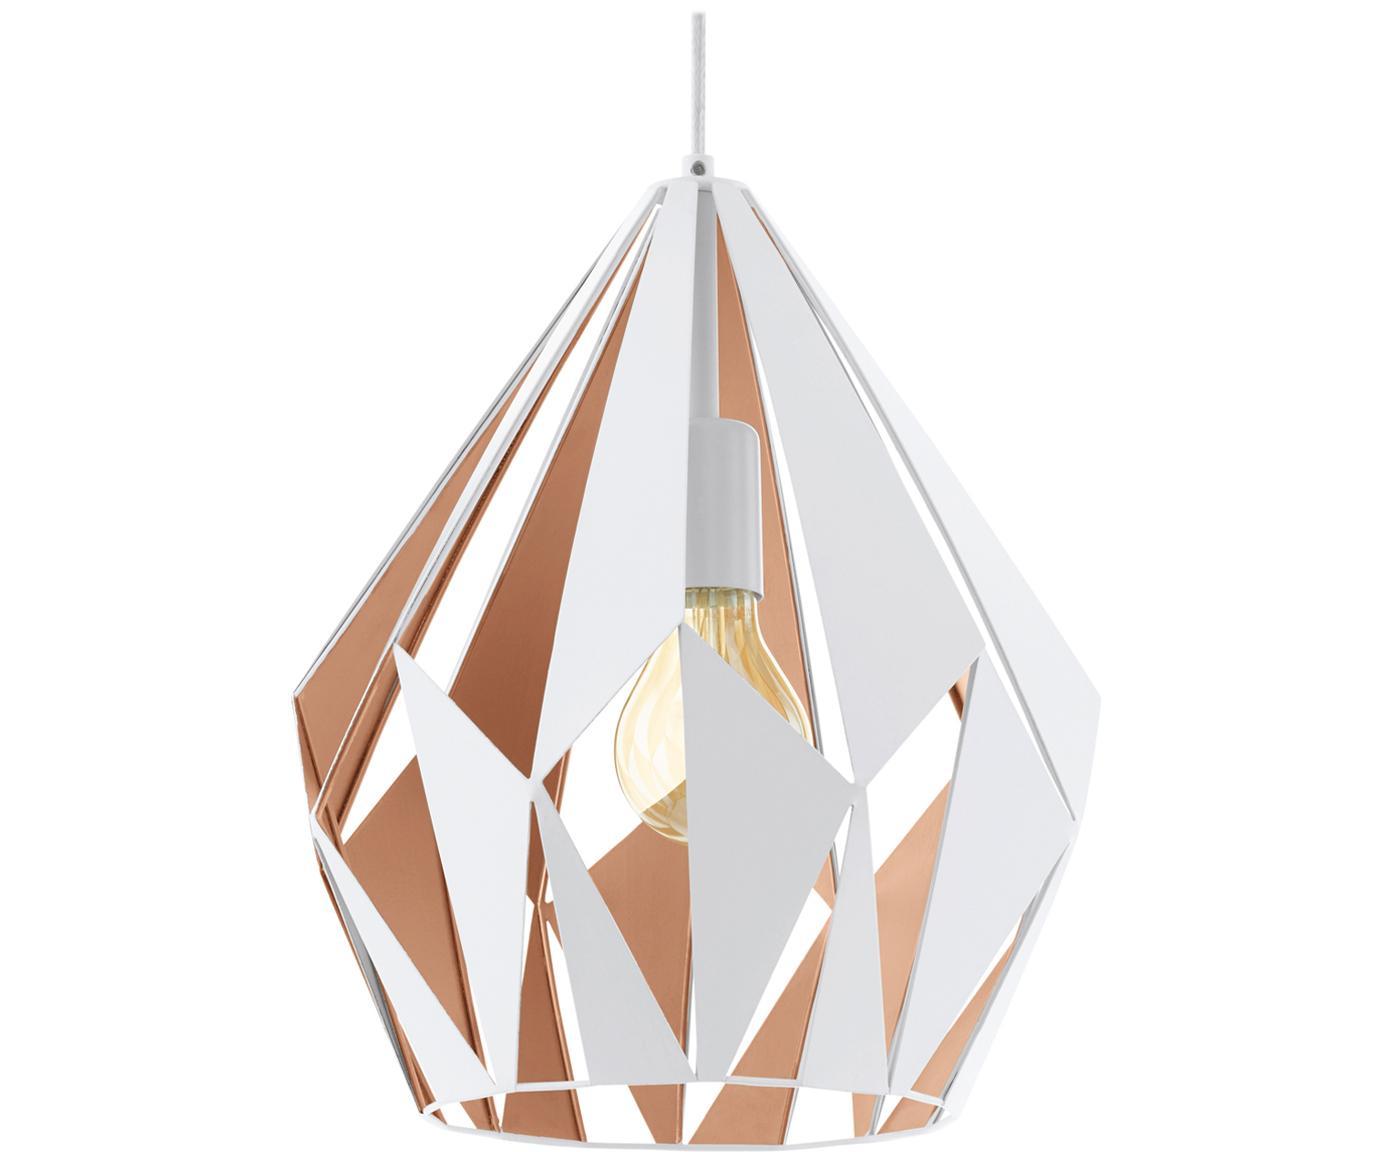 Lampada a sospensione stile nordico Carlton, Acciaio verniciato, Esterno: bianco interno: dorato rosa, Ø 31 x Alt. 40 cm